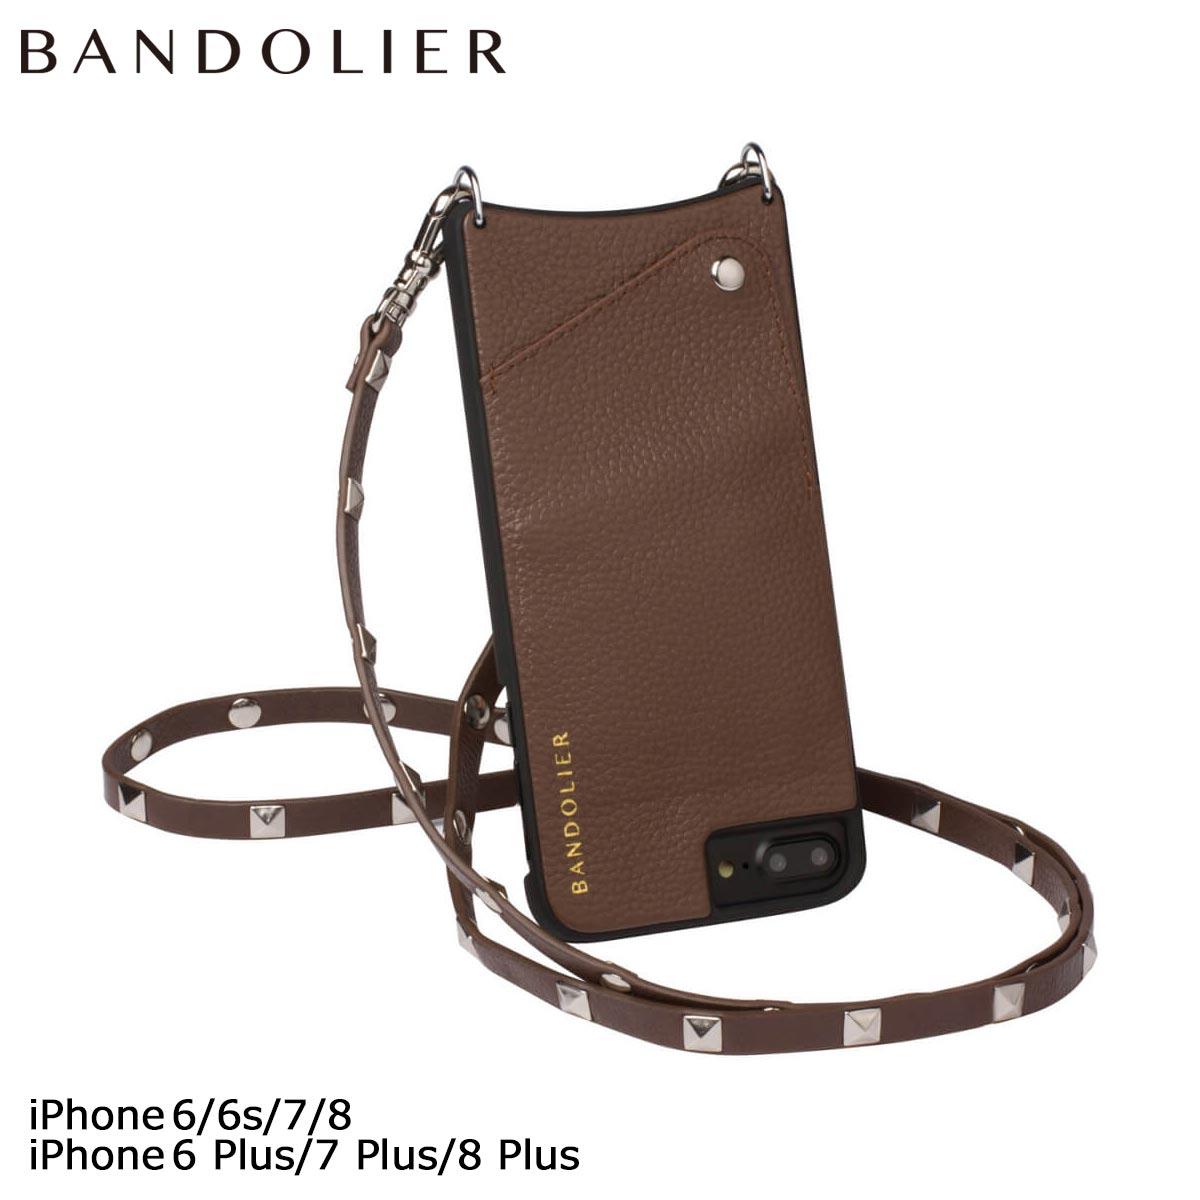 BANDOLIER バンドリヤー iPhone8 iPhone7 7Plus 6s ケース スマホ アイフォン プラス SARAH FALL17 レザー メンズ レディース 【決算セール 返品不可】